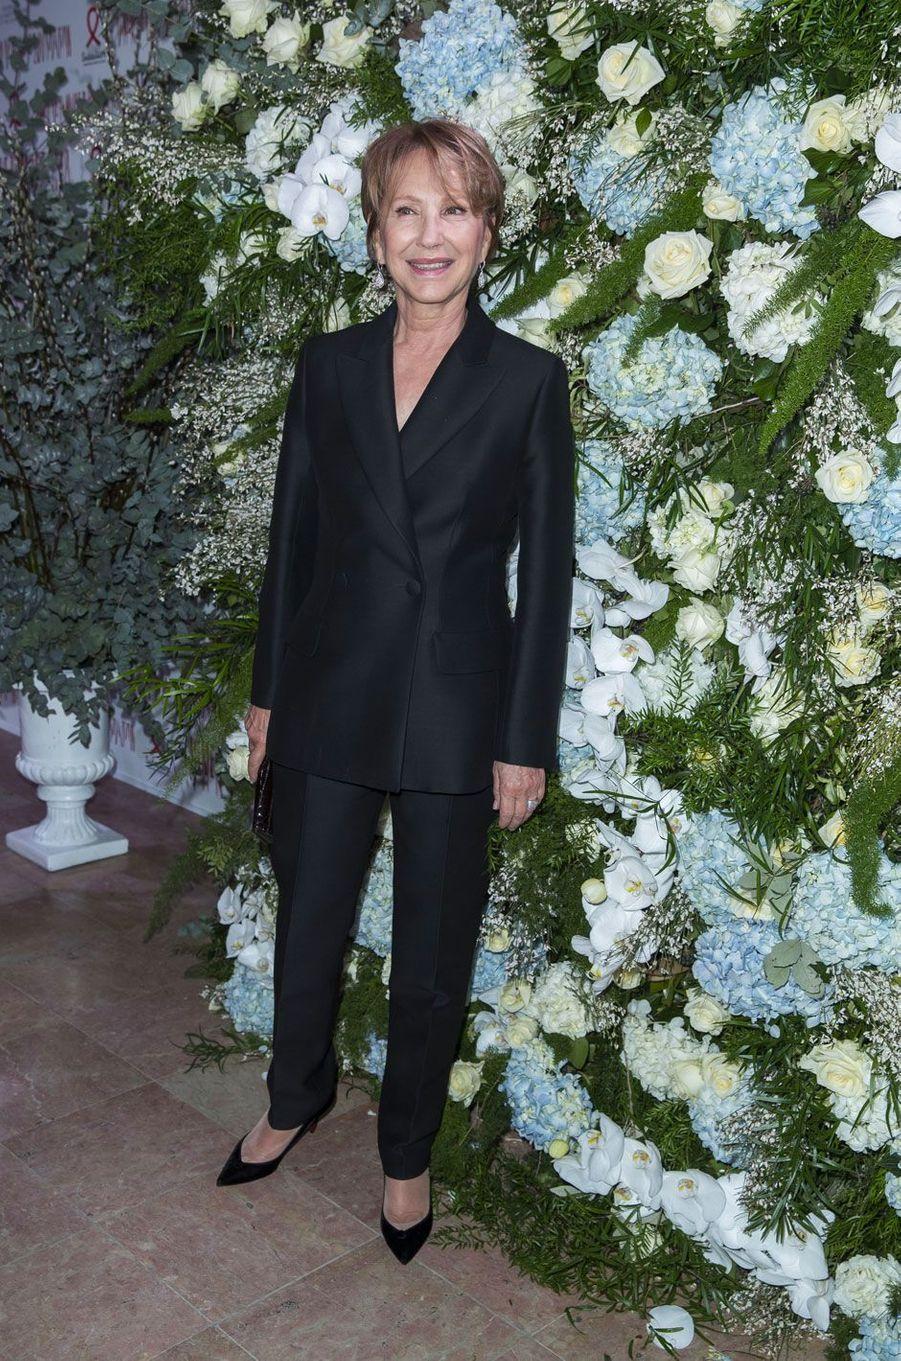 Nathalie Baye au Dîner de la Mode pour le Sidaction, le 25 janvier 2018 à Paris